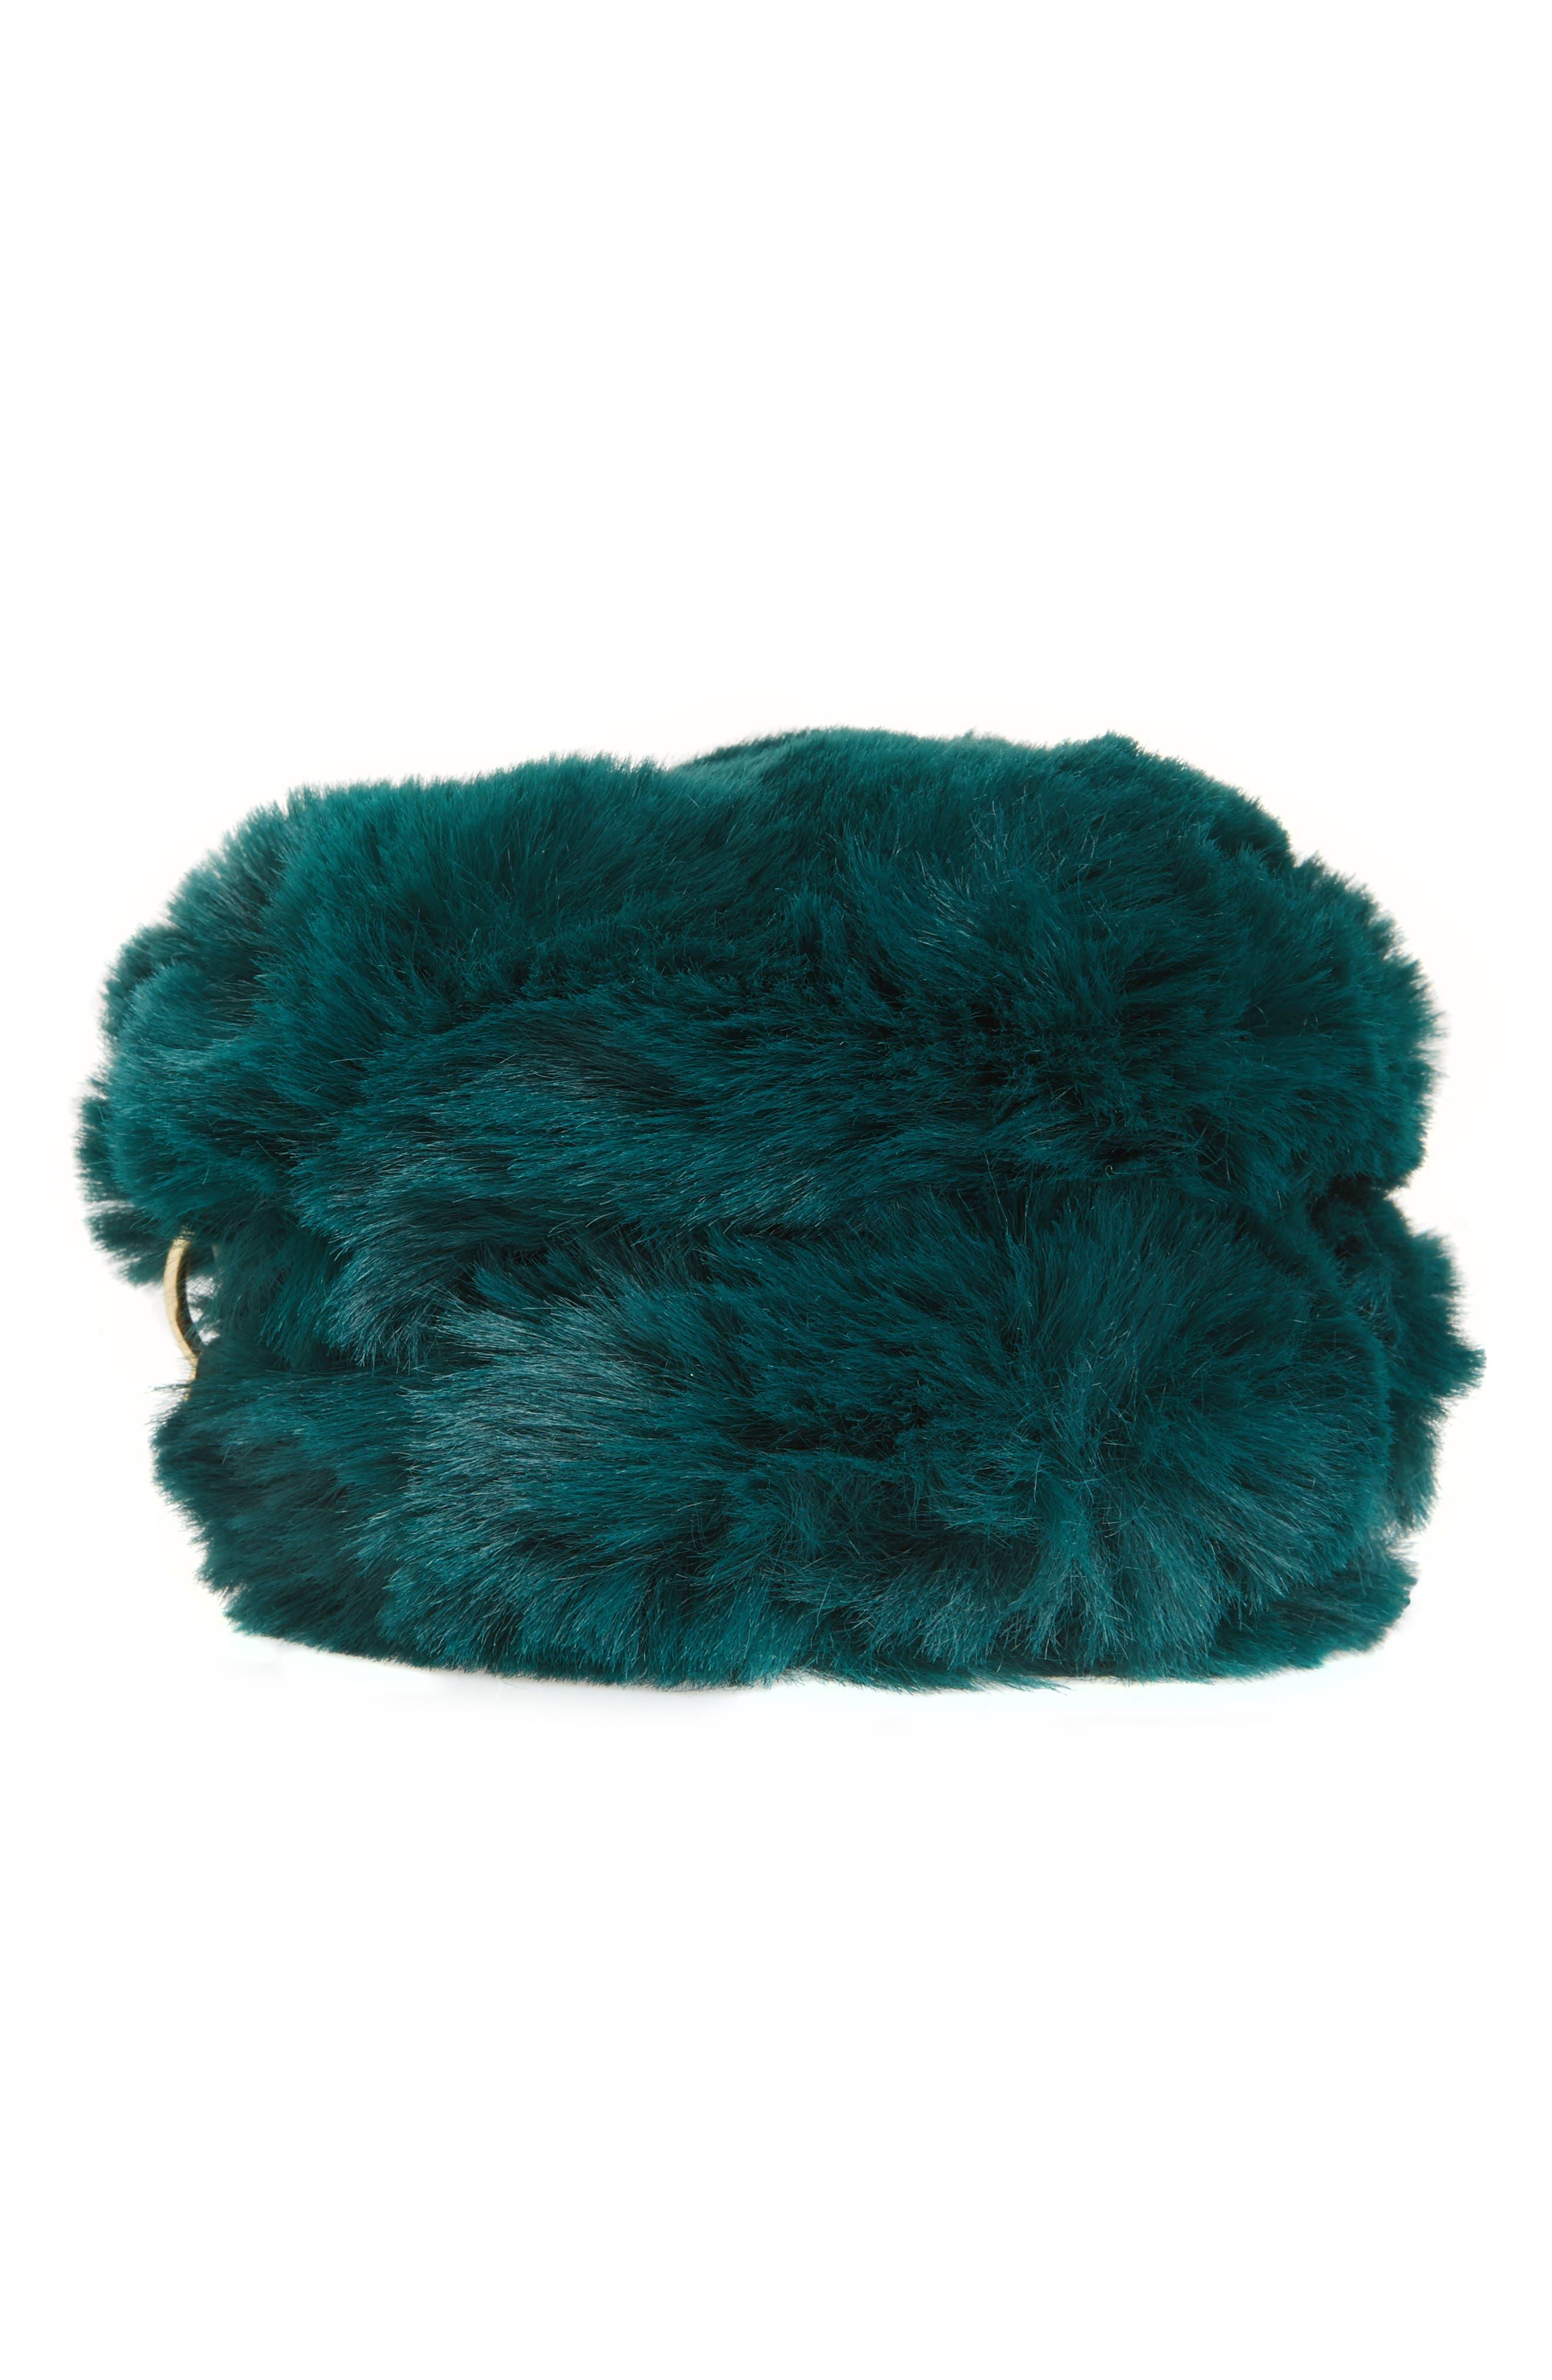 Macaron Faux Fur Wristlet,                             Alternate thumbnail 5, color,                             Green